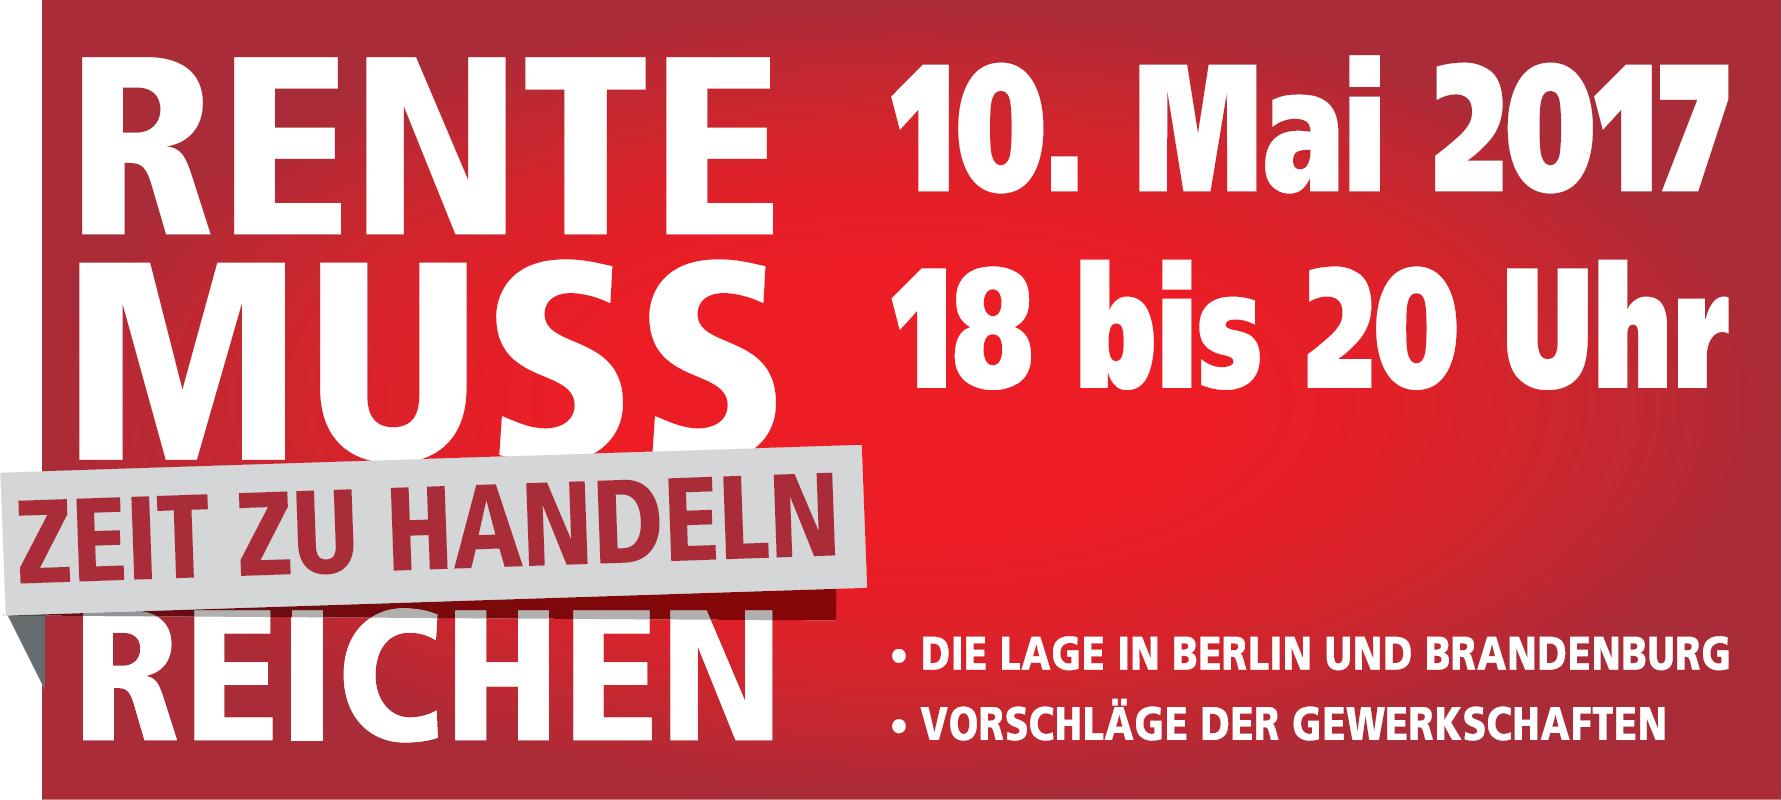 Rente muss reichen! Rentenpolitischen Veranstaltung am 10.Mai 2017